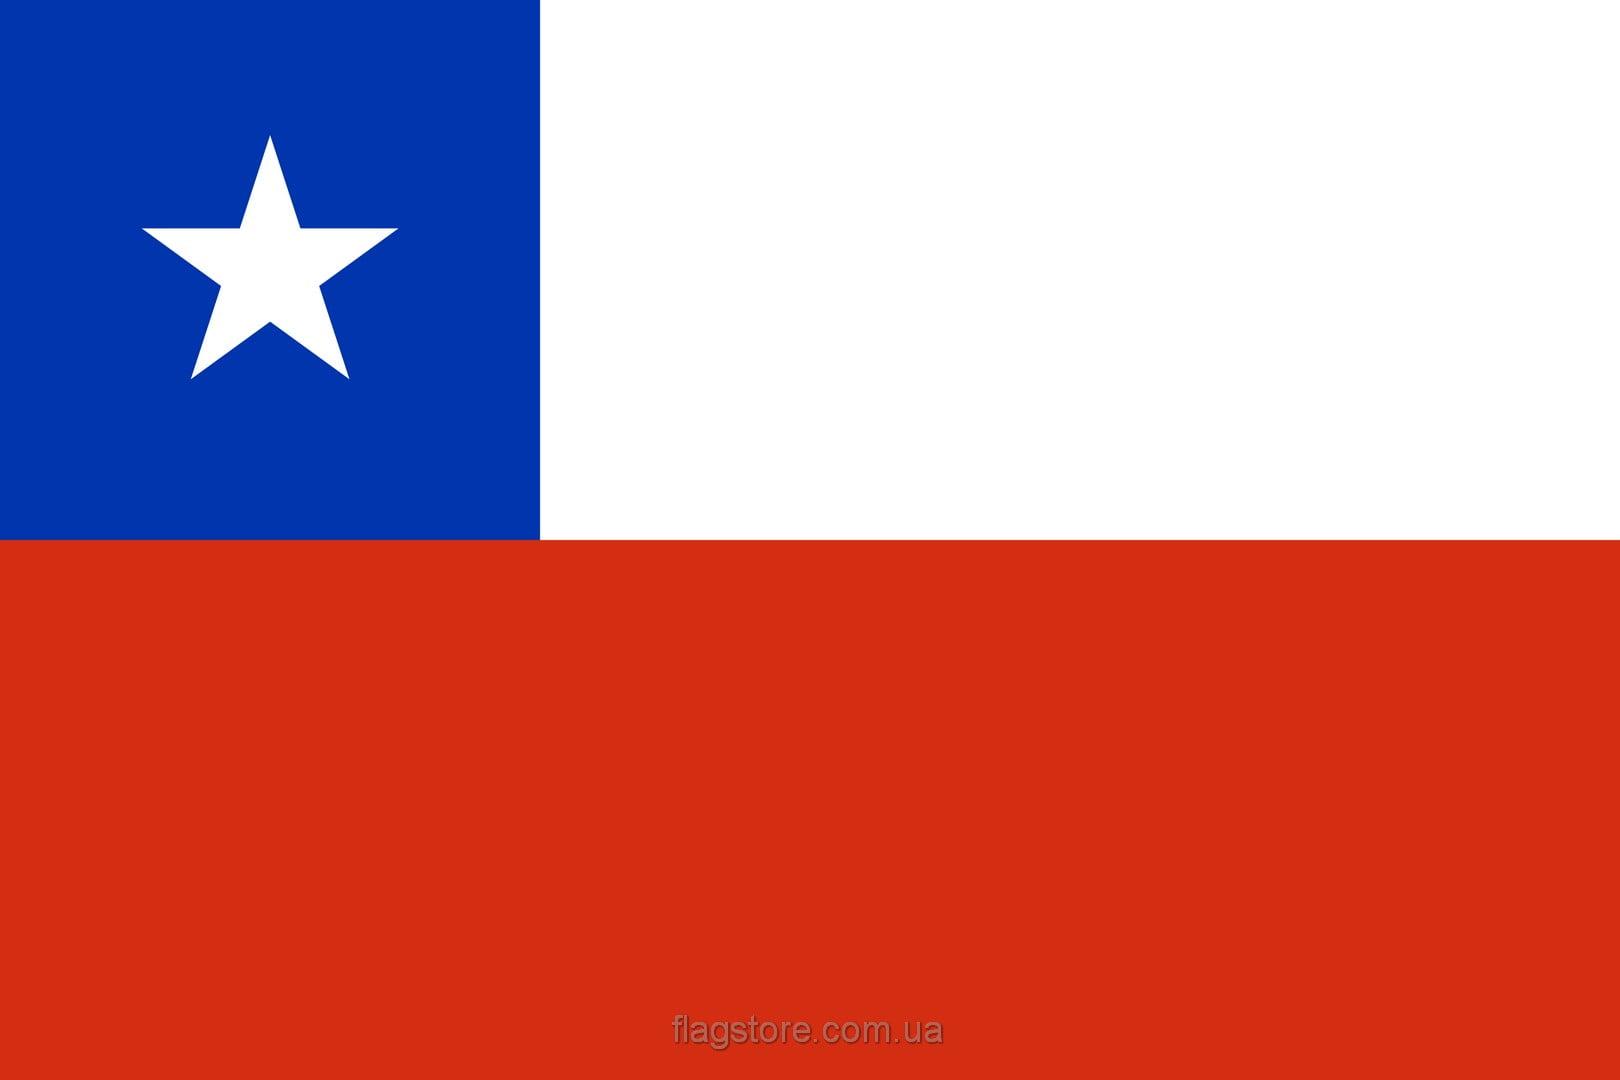 Купить флаг страны Чили